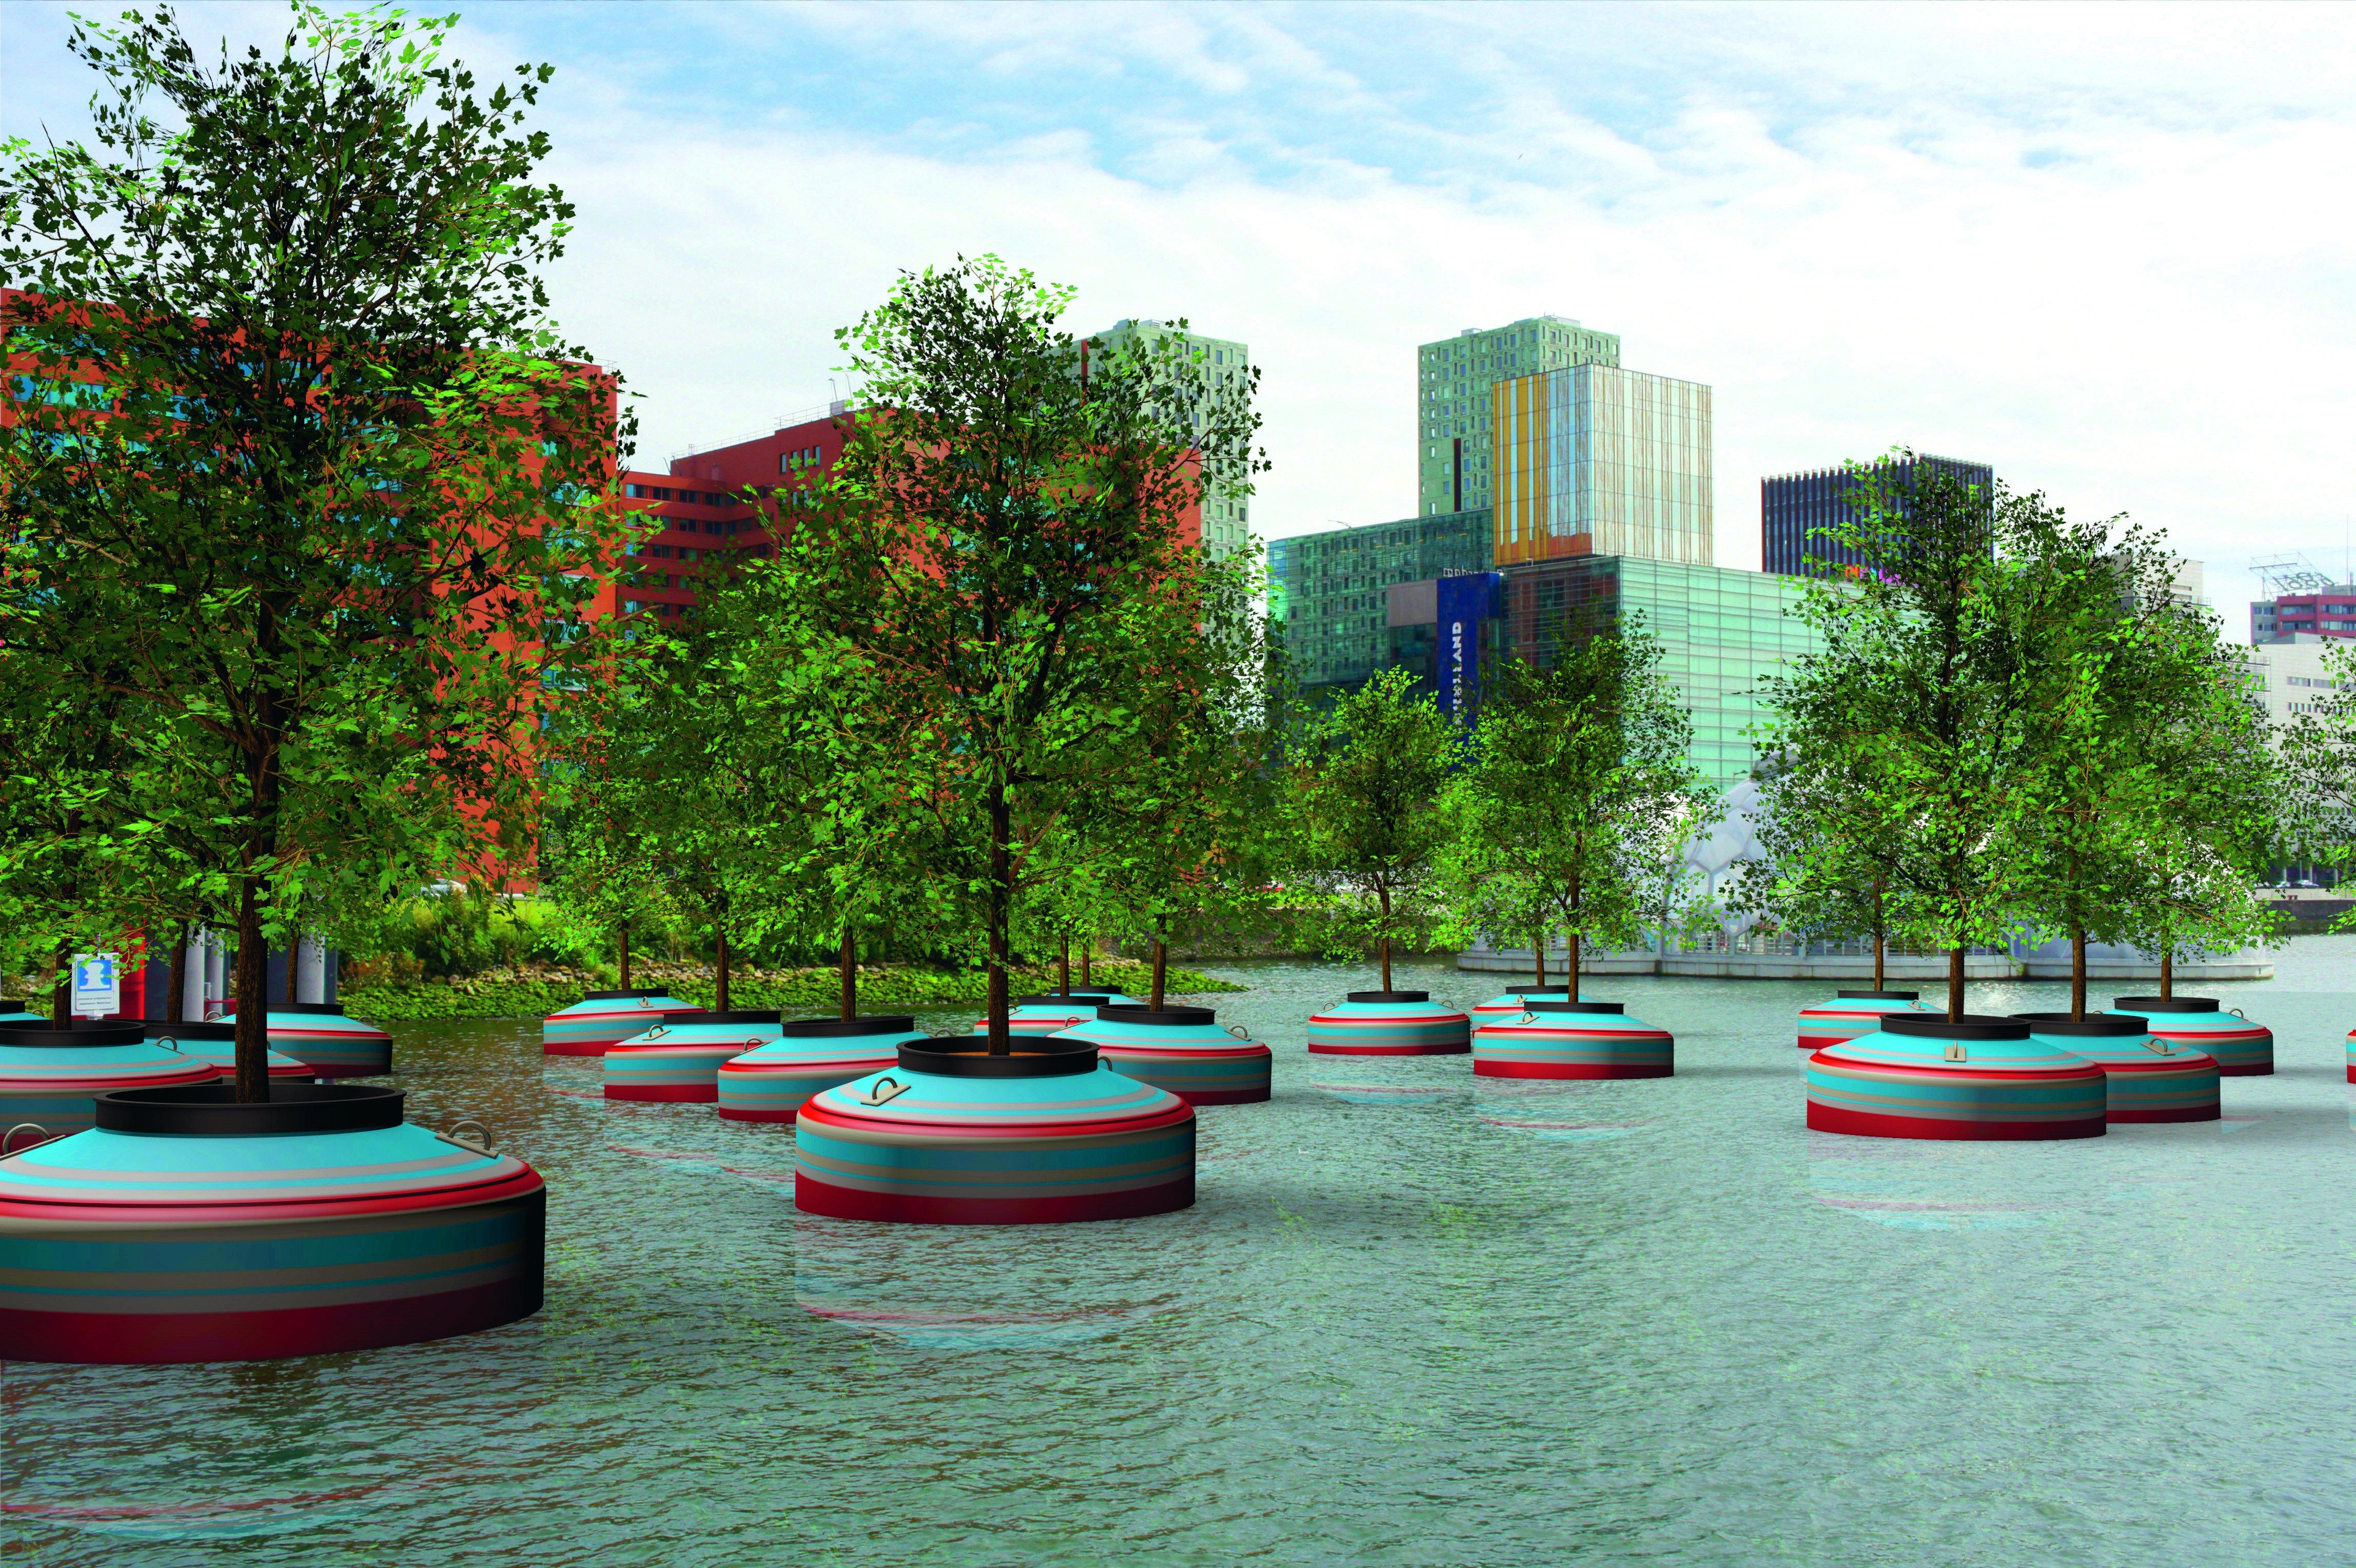 La foresta galleggiante di Rotterdam